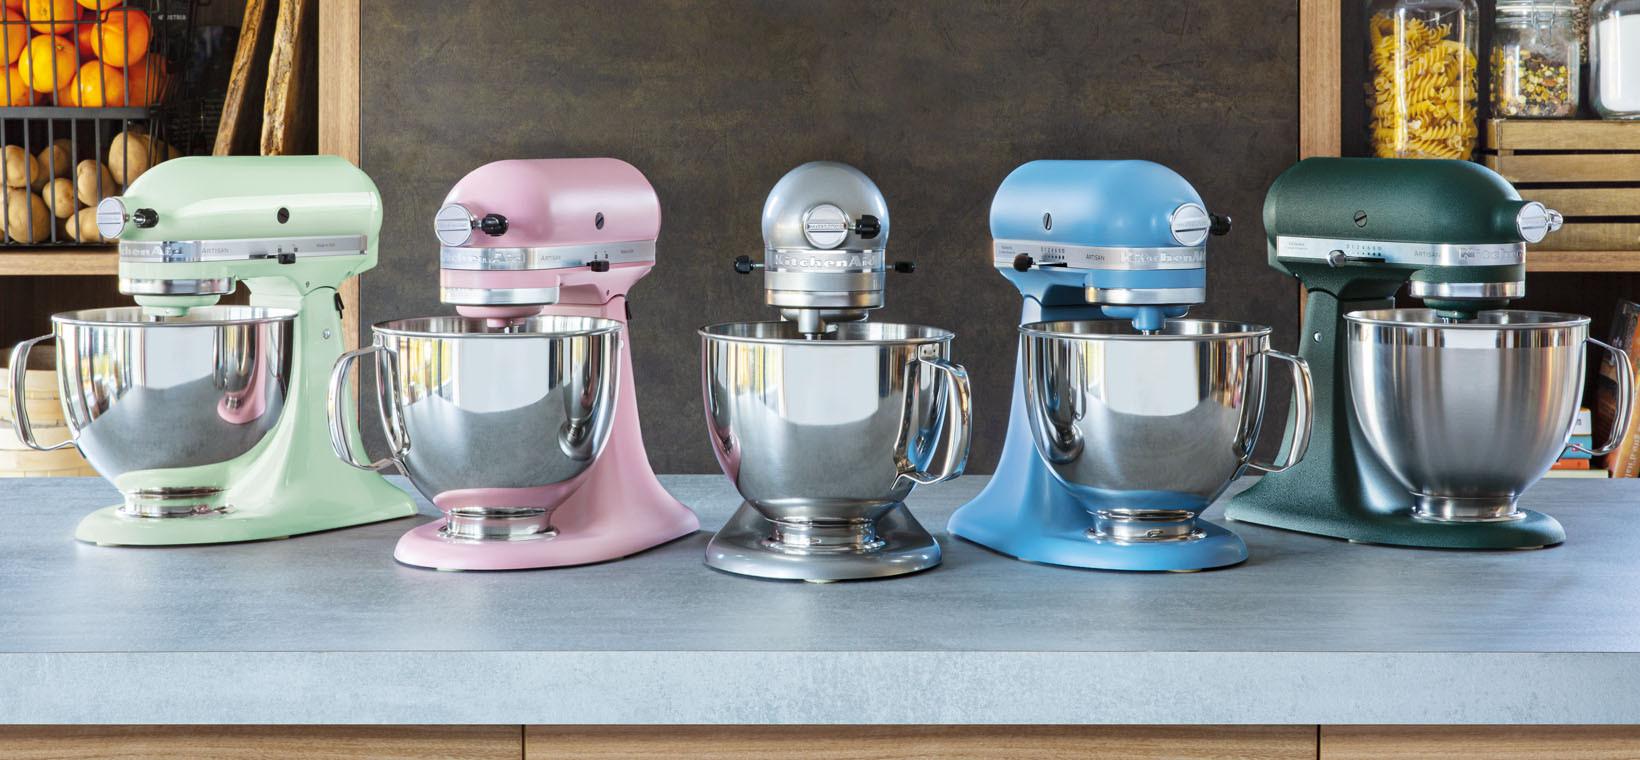 KitchenAid Küchenmaschine 185PS Mega-Paket versch. Farben